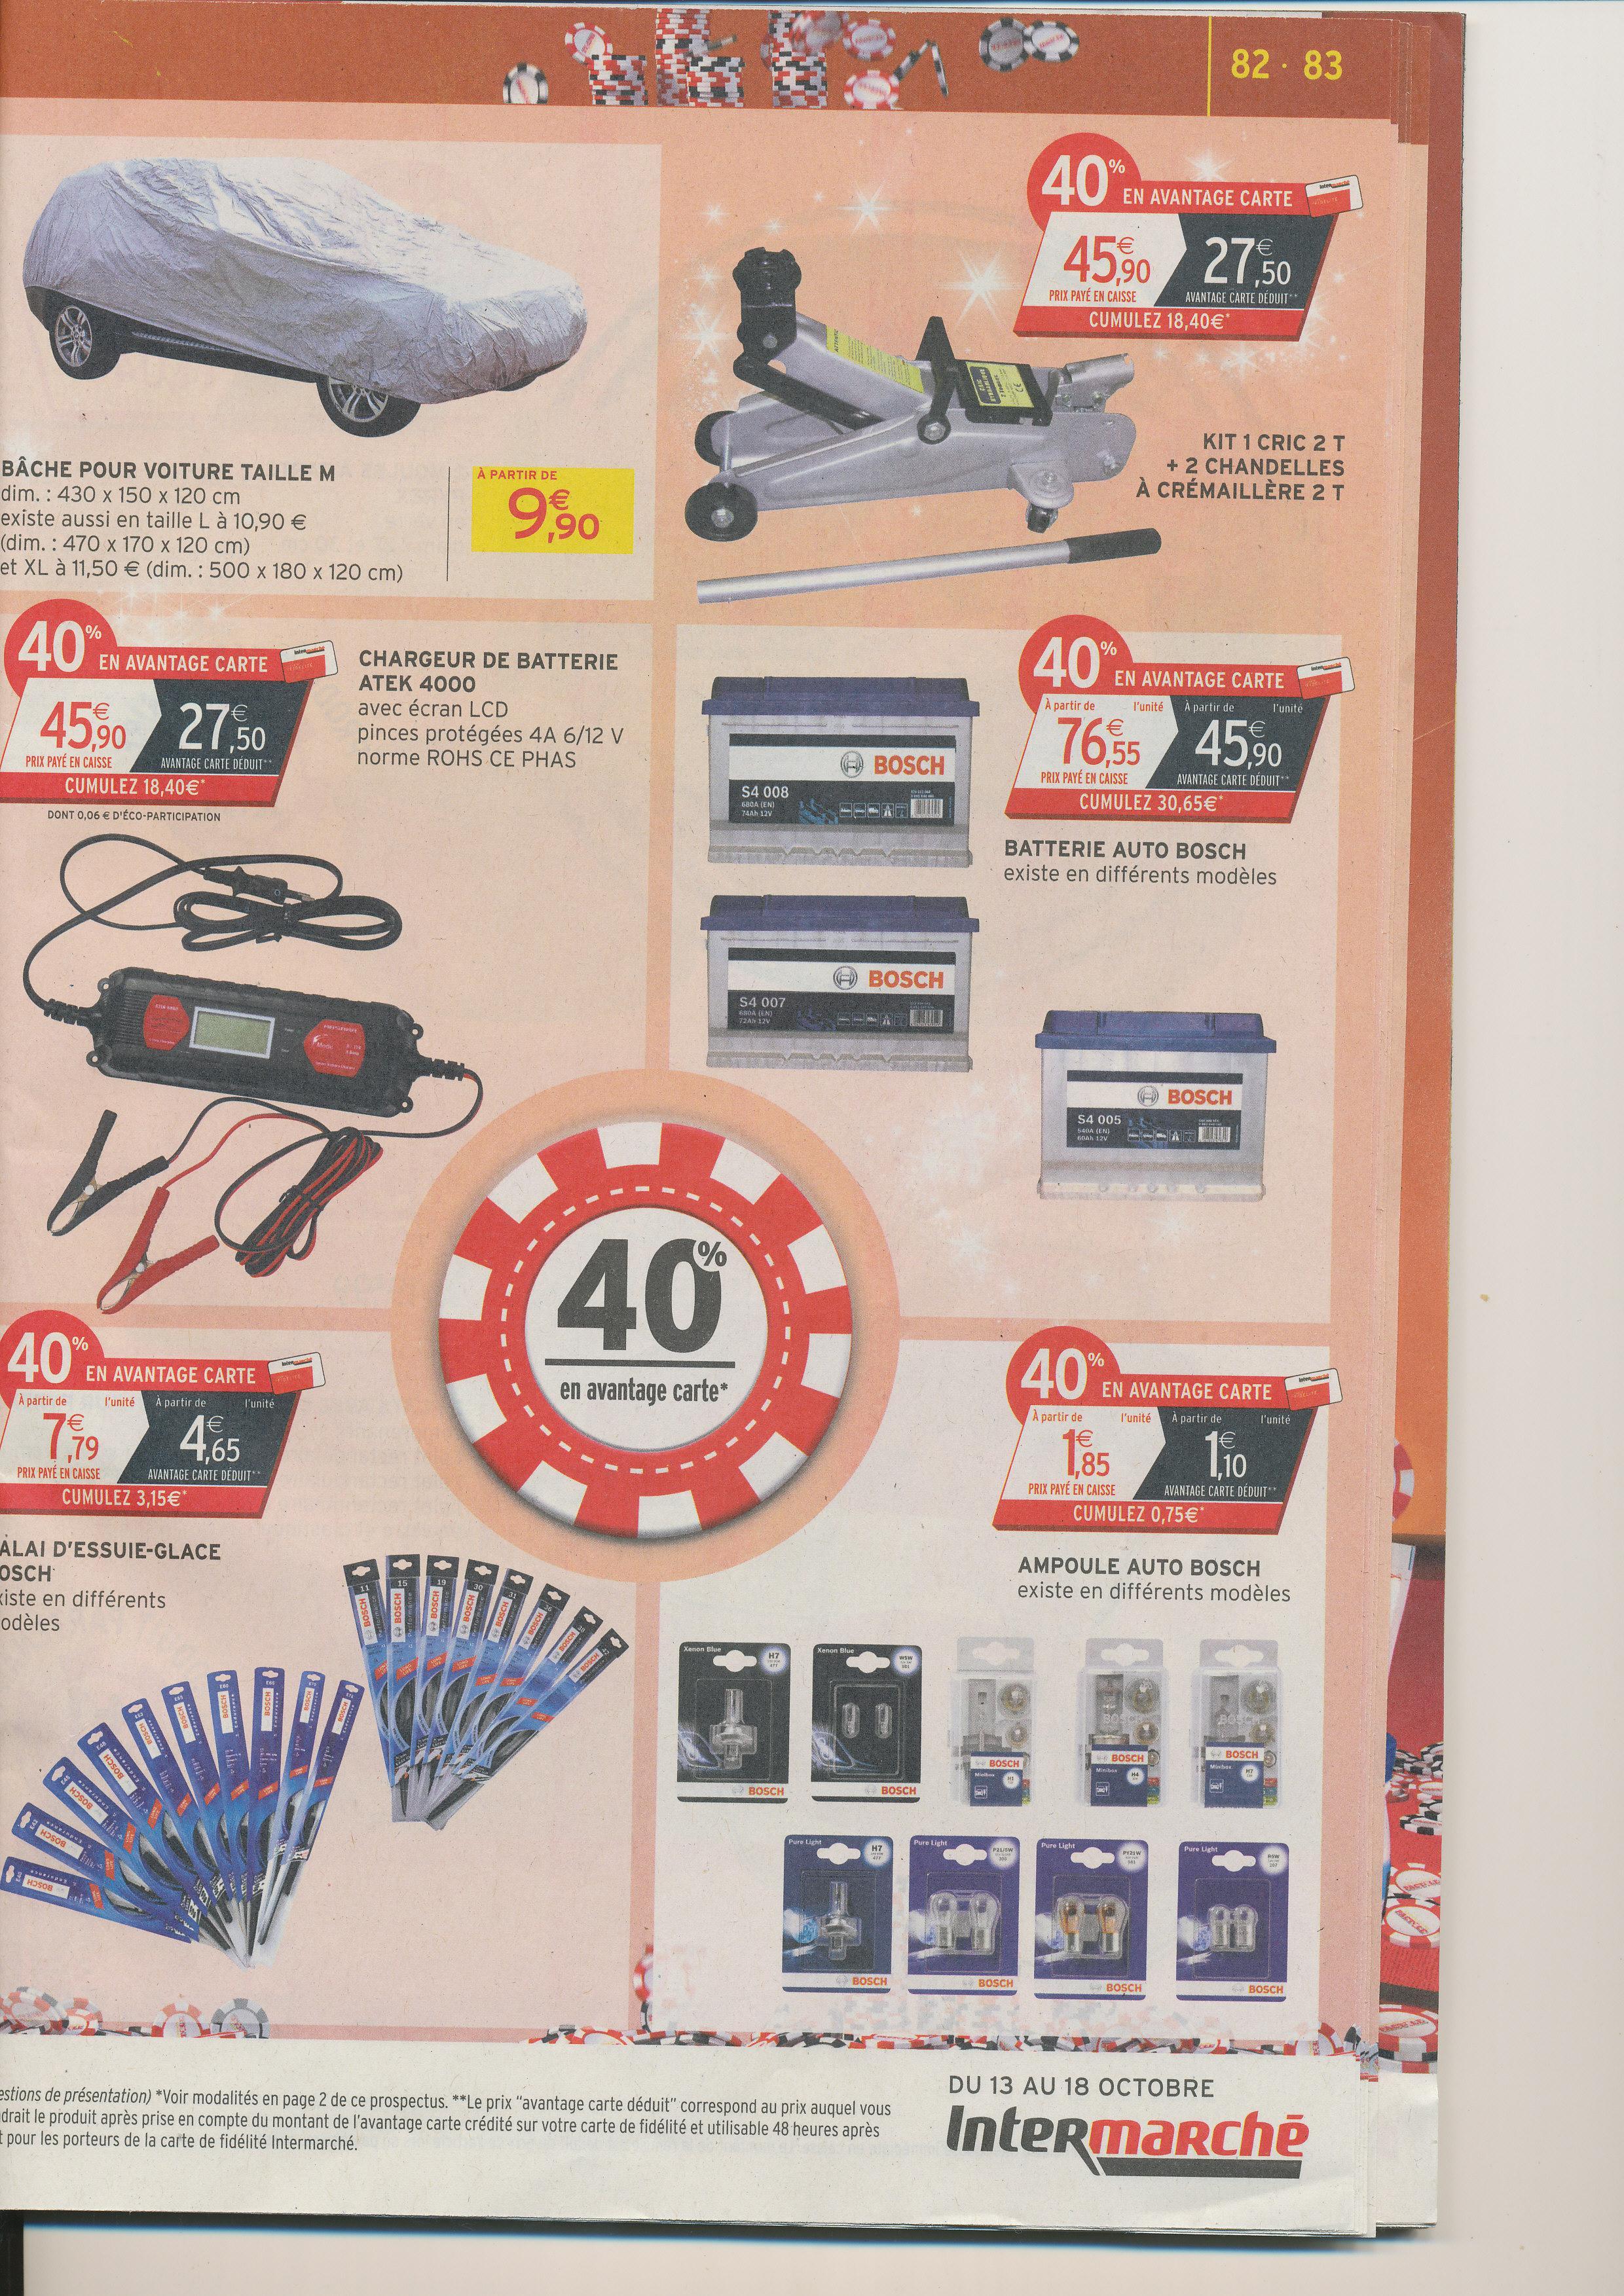 40% crédités sur la carte de fidélité sur une sélection de produits auto Bosch - Ex : Batterie Bosch S4